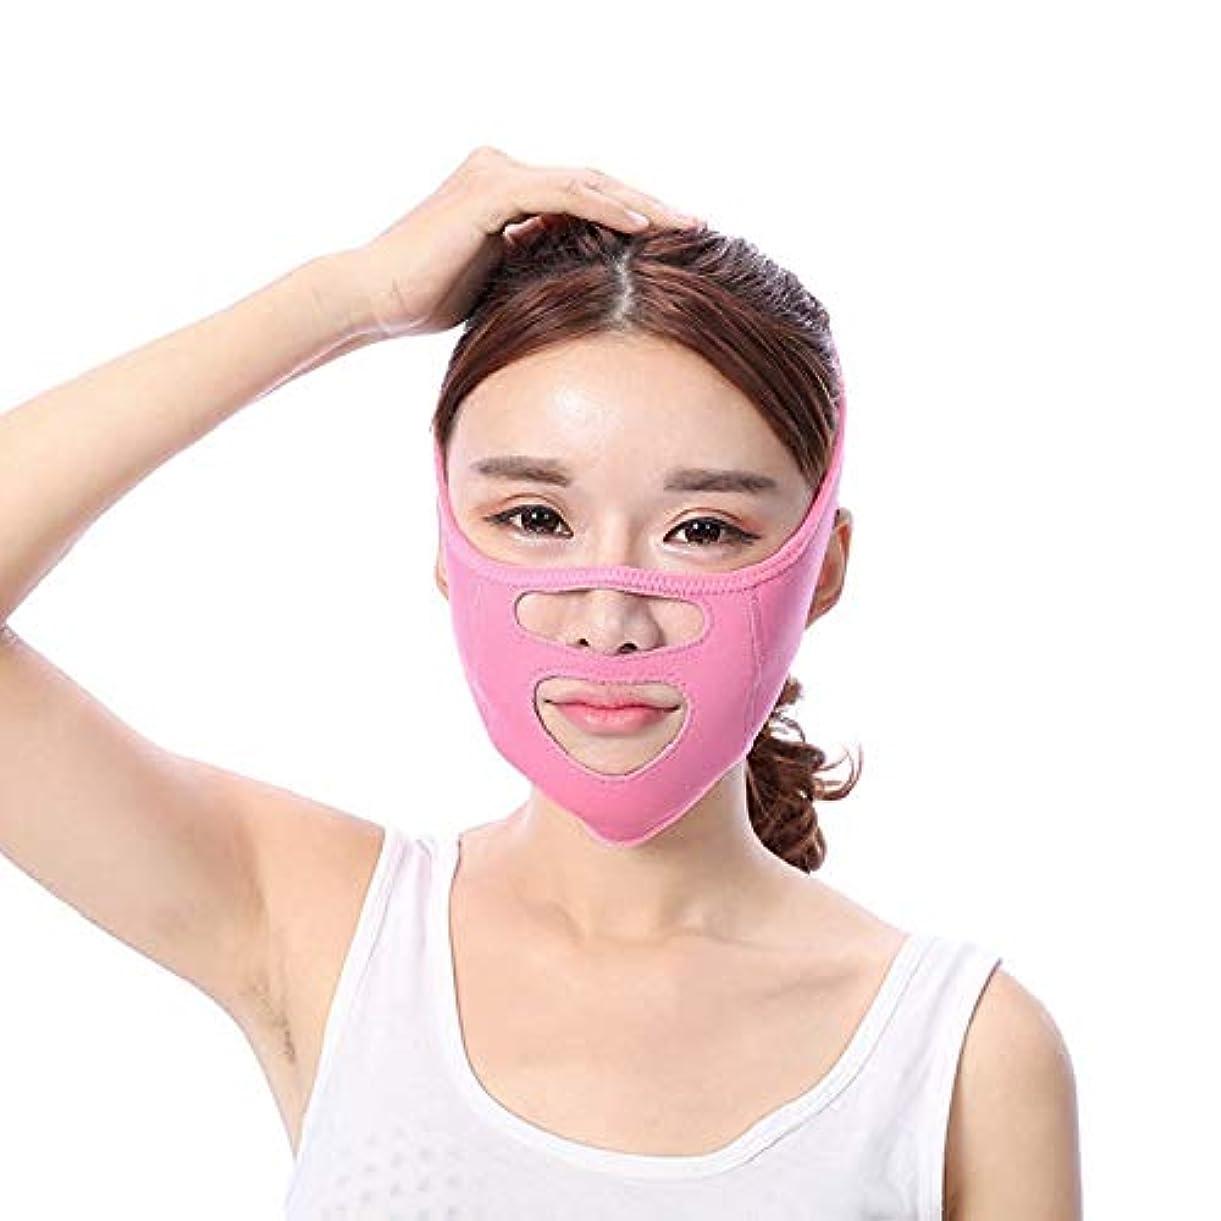 タンザニア情緒的飾るBS 顔の持ち上がる痩身ベルト - あなたの顔のための素晴らしいトレーニング二重あごのワークアウトフェイスマスクベルト薄い顔包帯整形マスクは顔と首を締めますフェイススリム フェイスリフティングアーティファクト